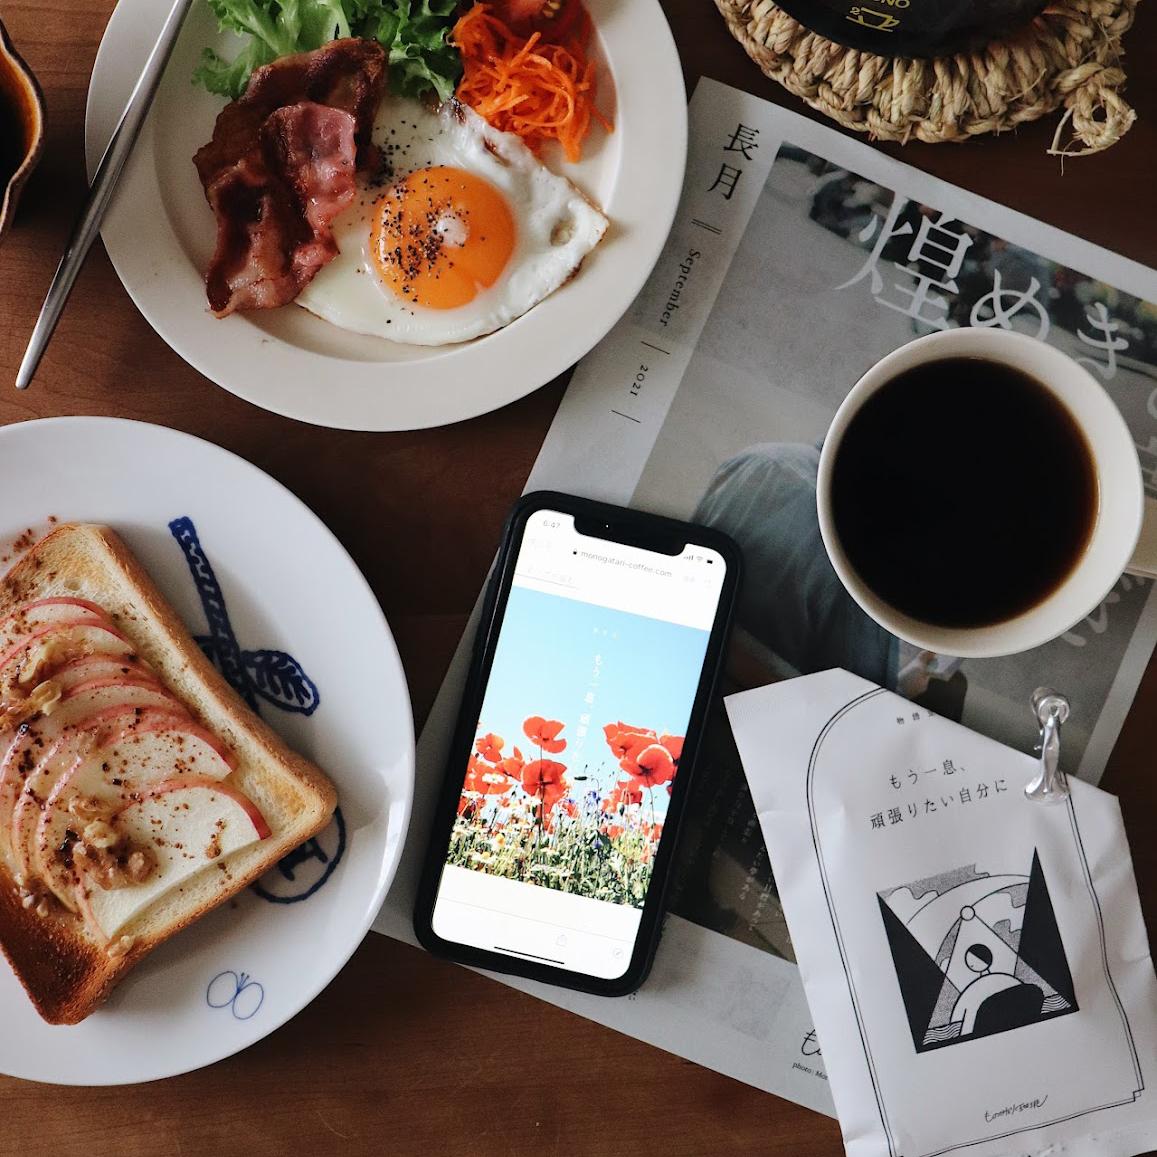 \\ Good morning!! // おはようございます◎  りんごトーストはこの季節食べたくなる。 . 今朝のコーヒーは #ものがたり珈琲の オリジナルブレンドコーヒー